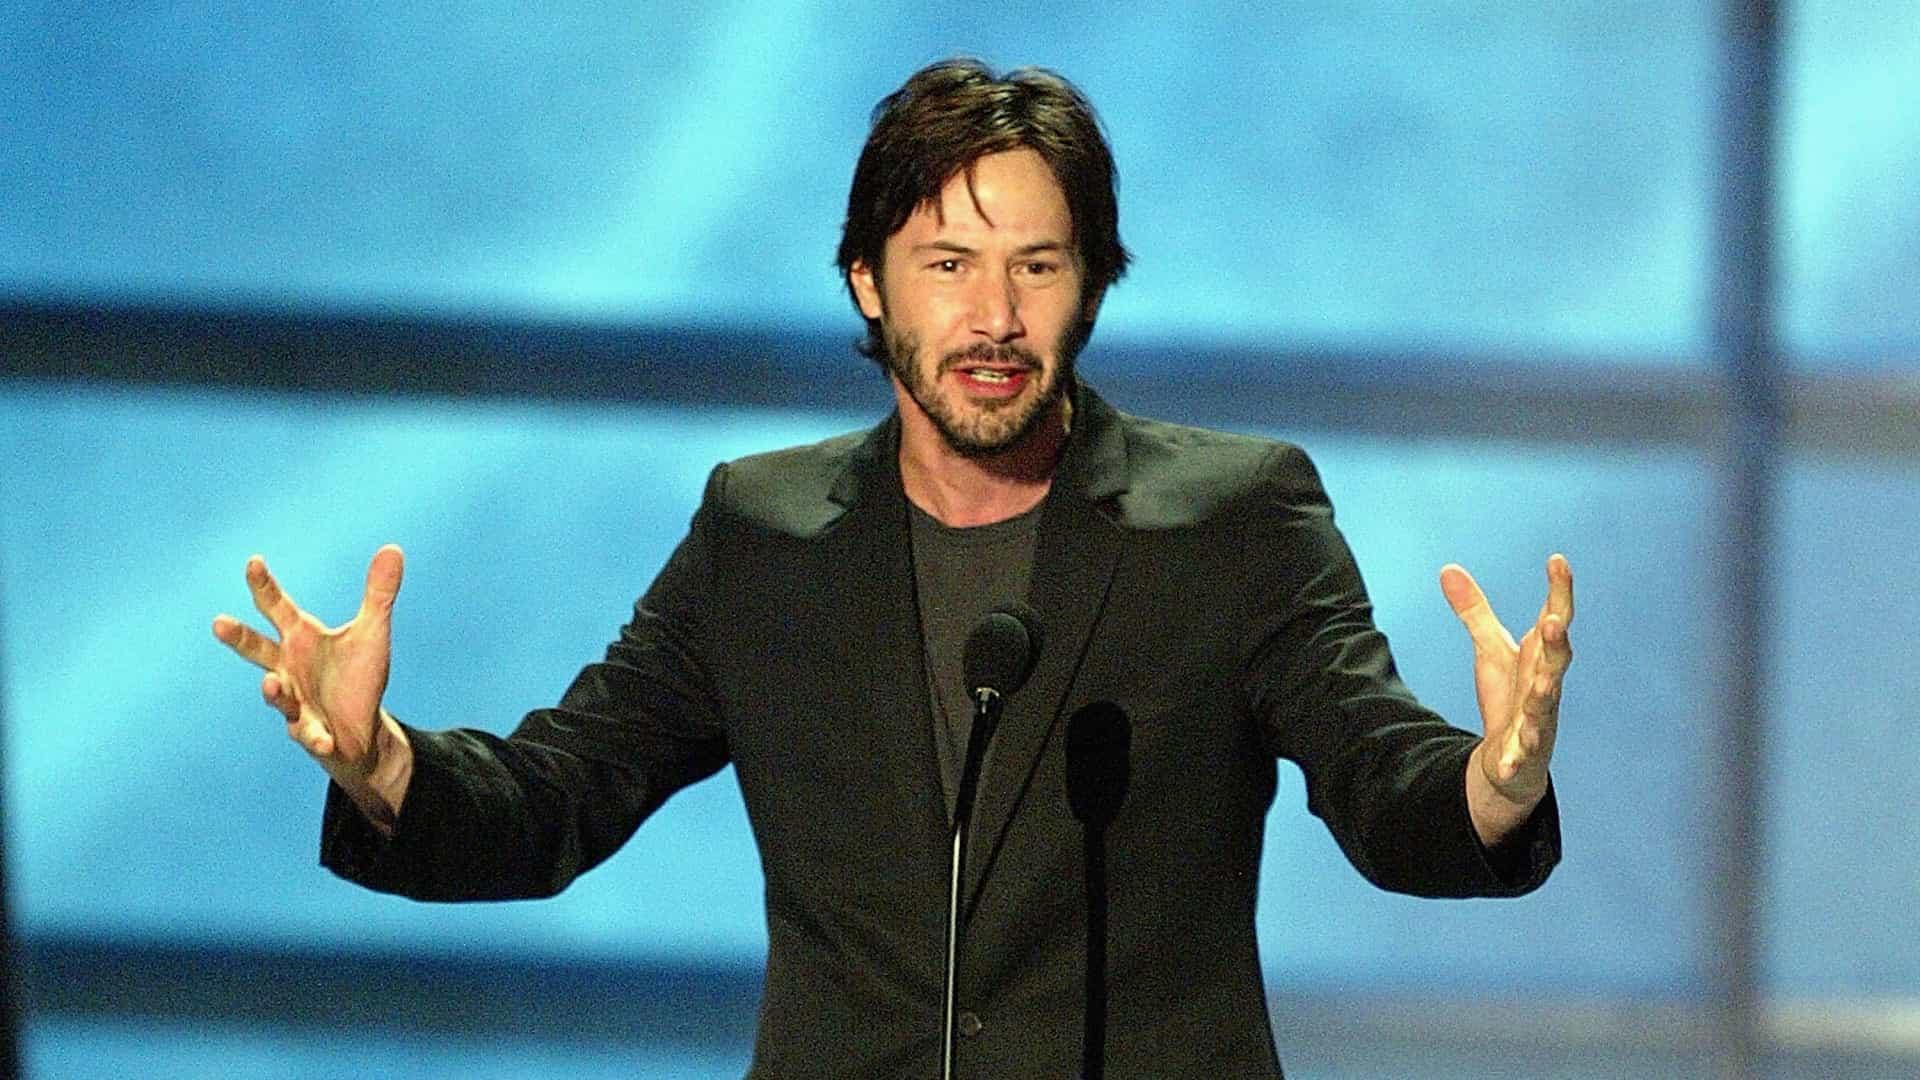 Fãs de Keanu Reeves querem ator eleito a personalidade do ano pela Time